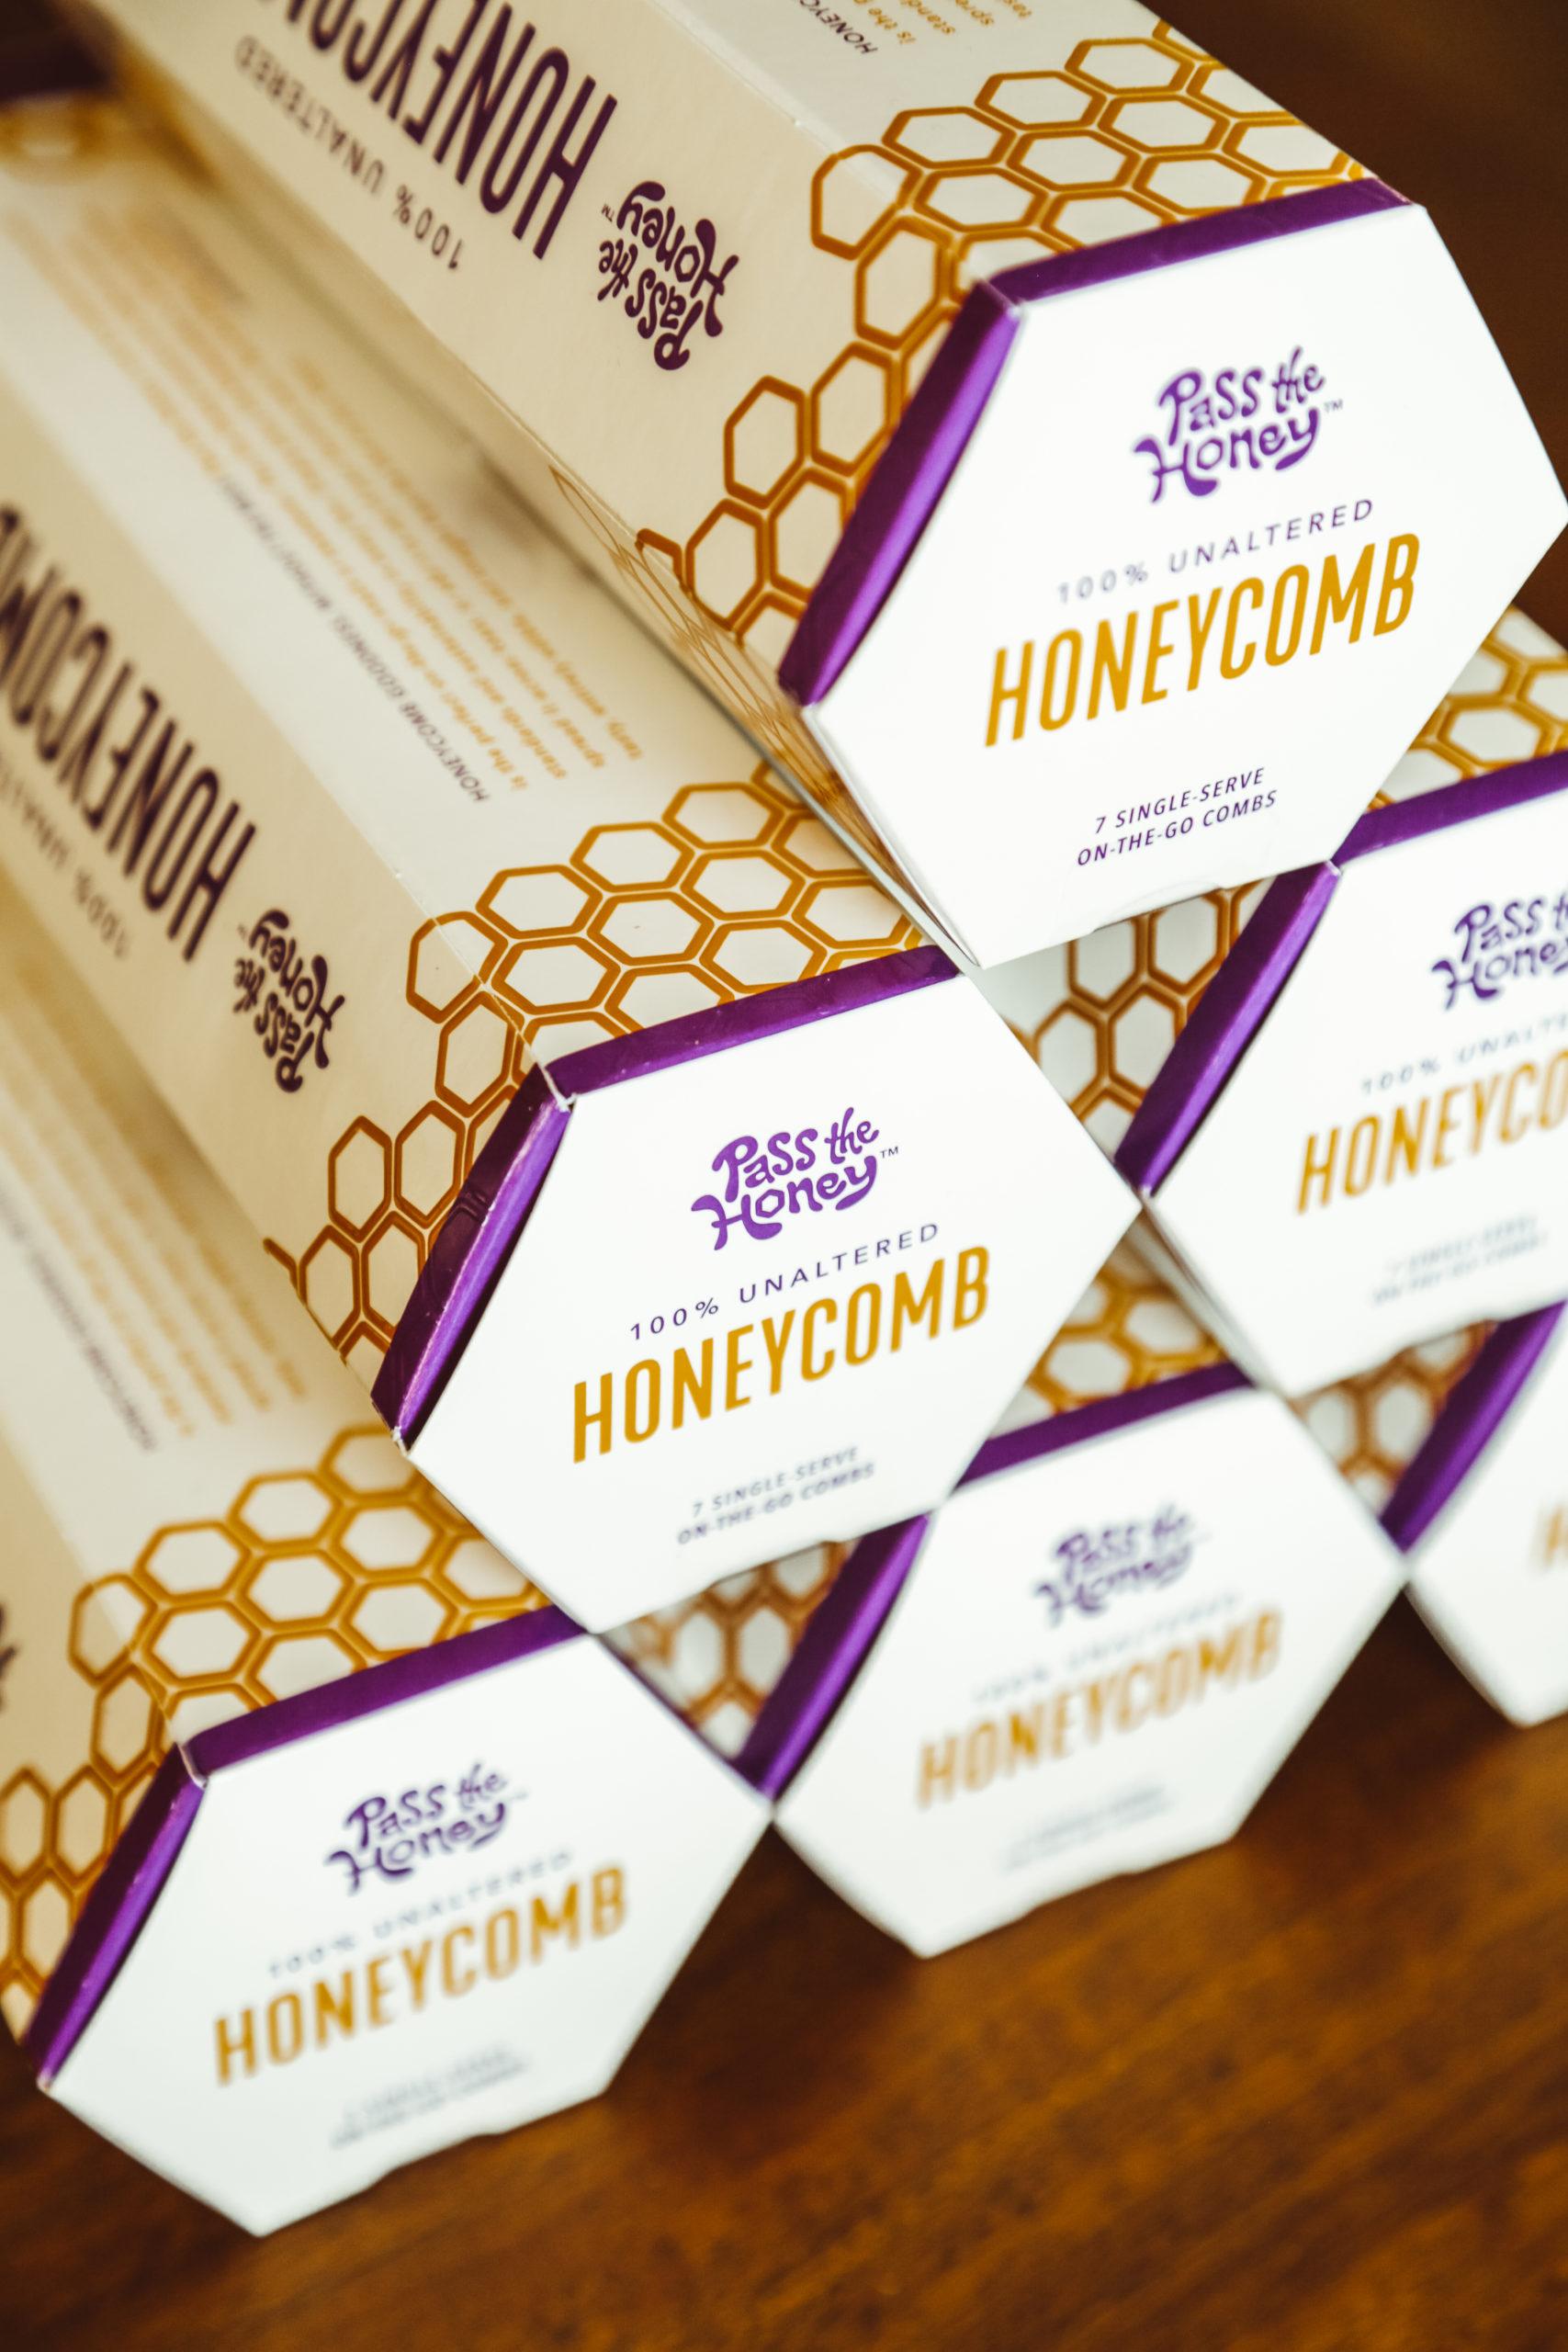 Pass-the-Honey